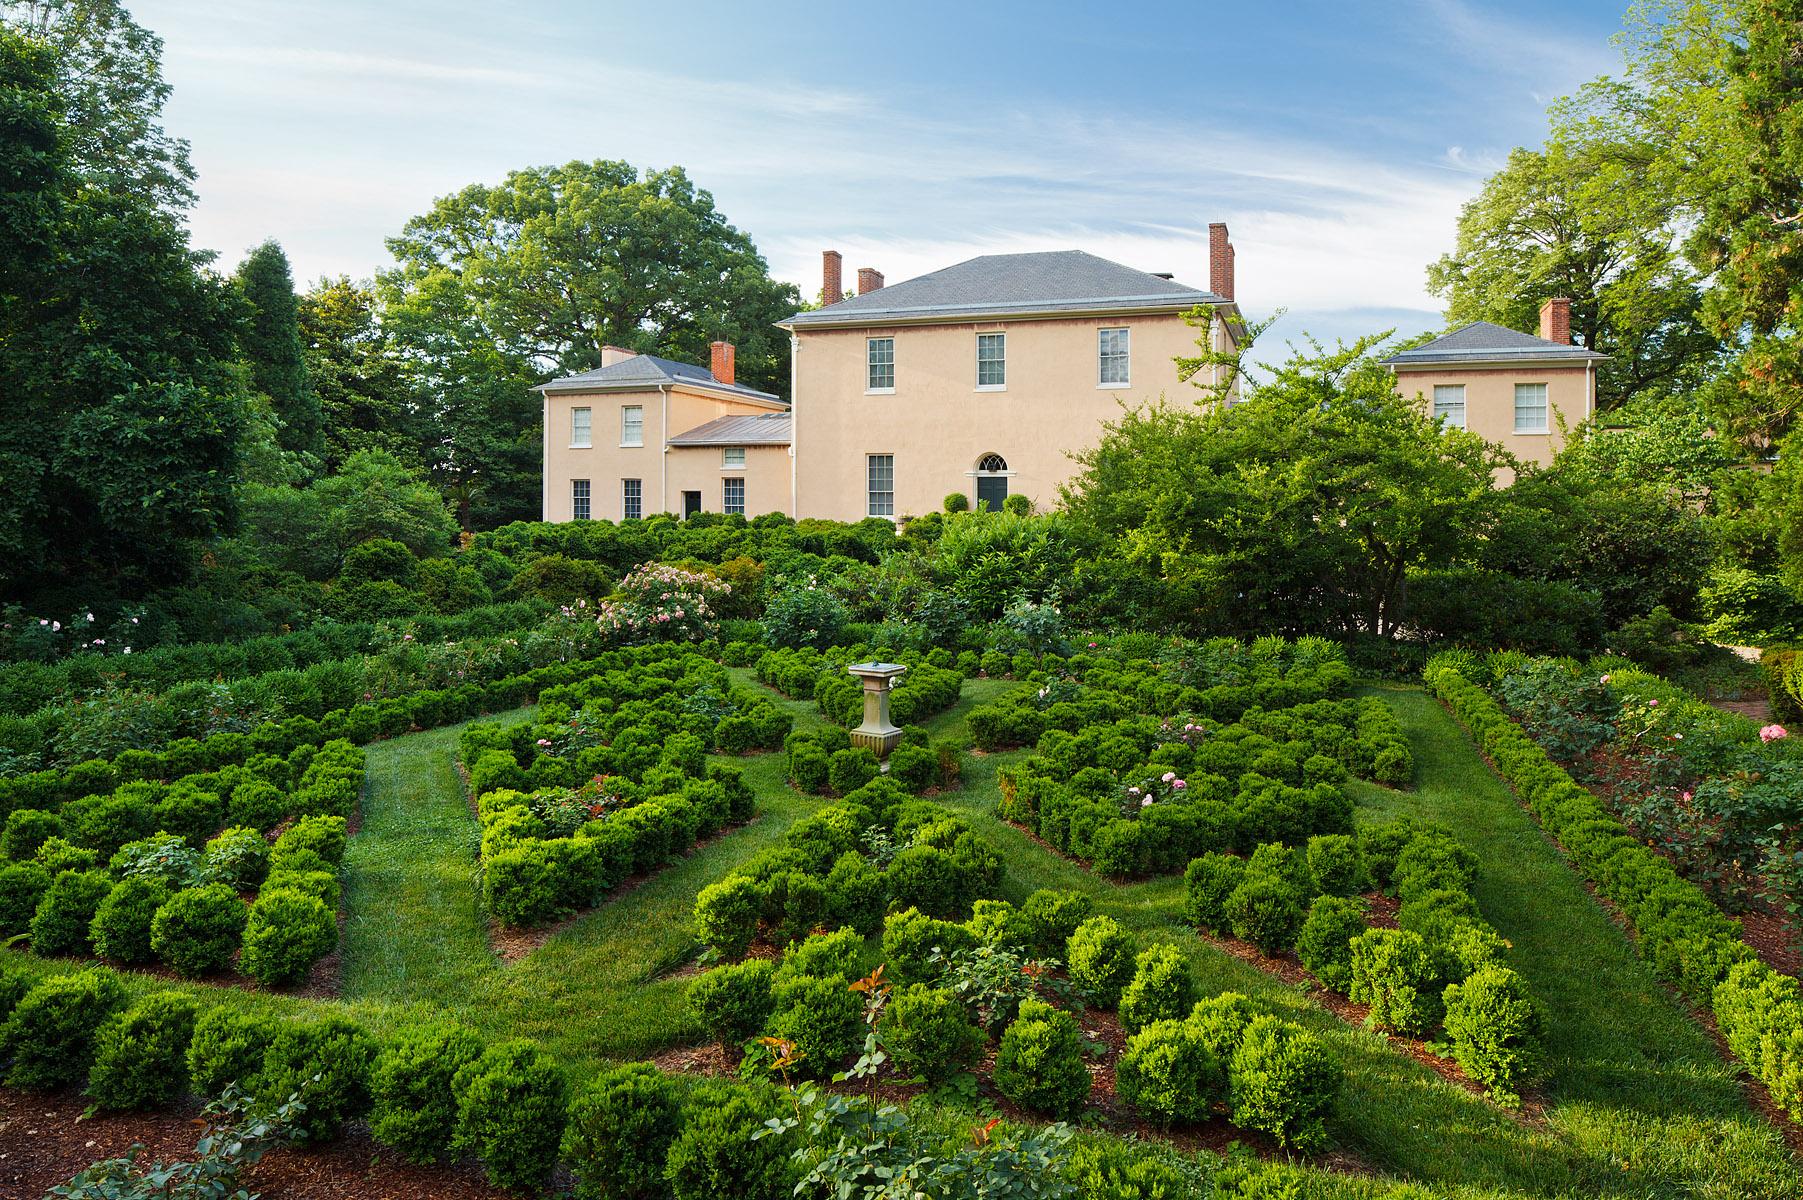 Tudor Place Historic House & GardenWashington, DC